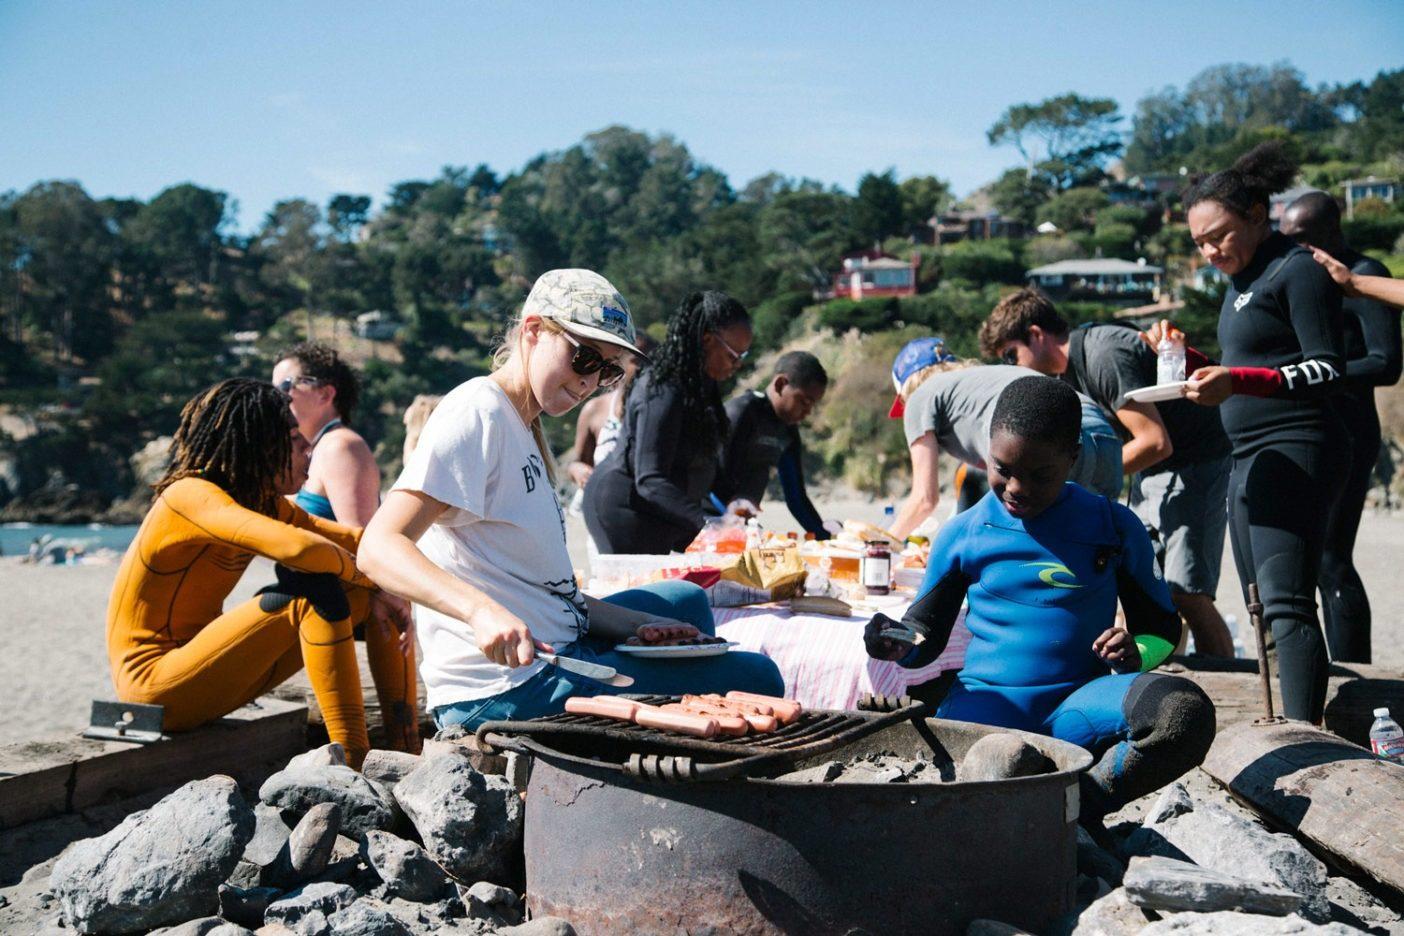 お腹の空いた子供たちのために食べ物を捻出する制作チーム。Photo: Donnie Hedden